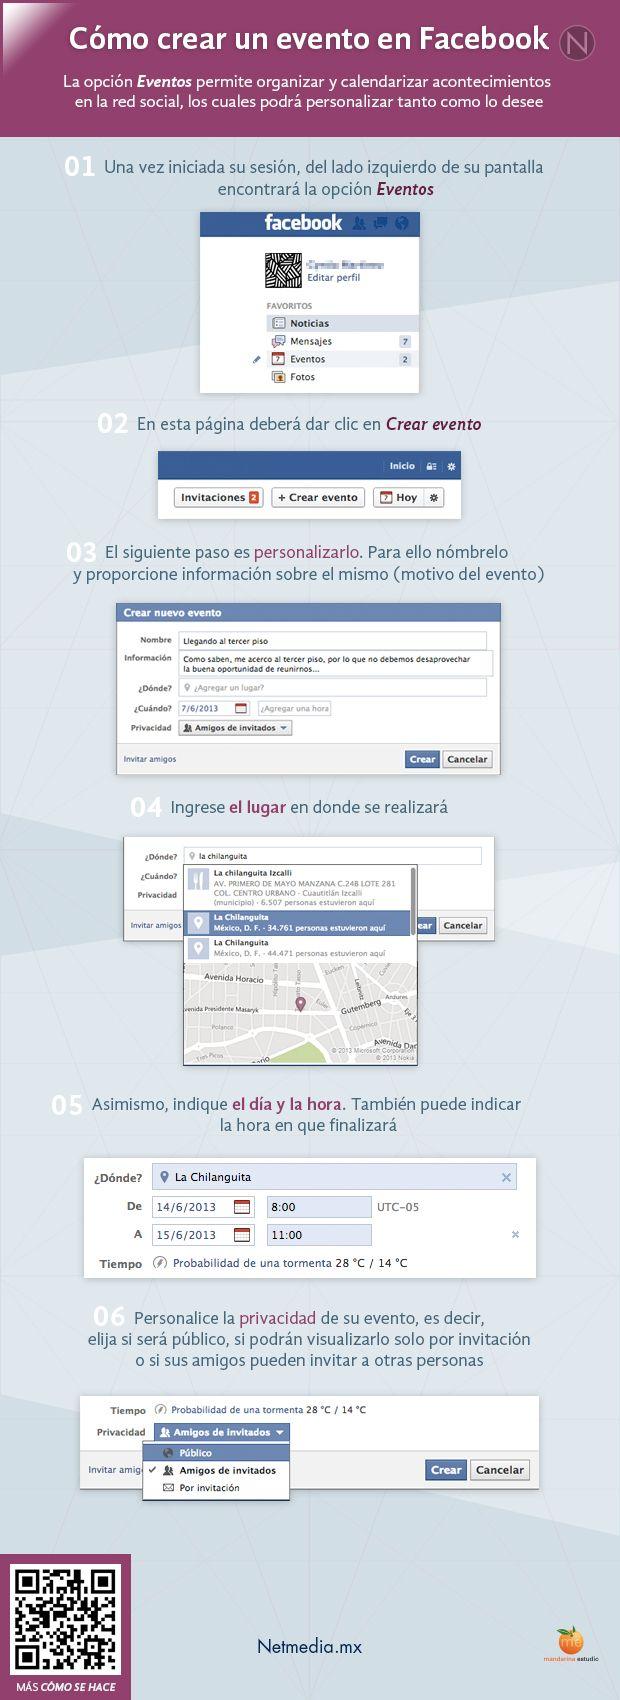 Cómo crear un evento en FaceBook #infografia #infographic #socialmedia